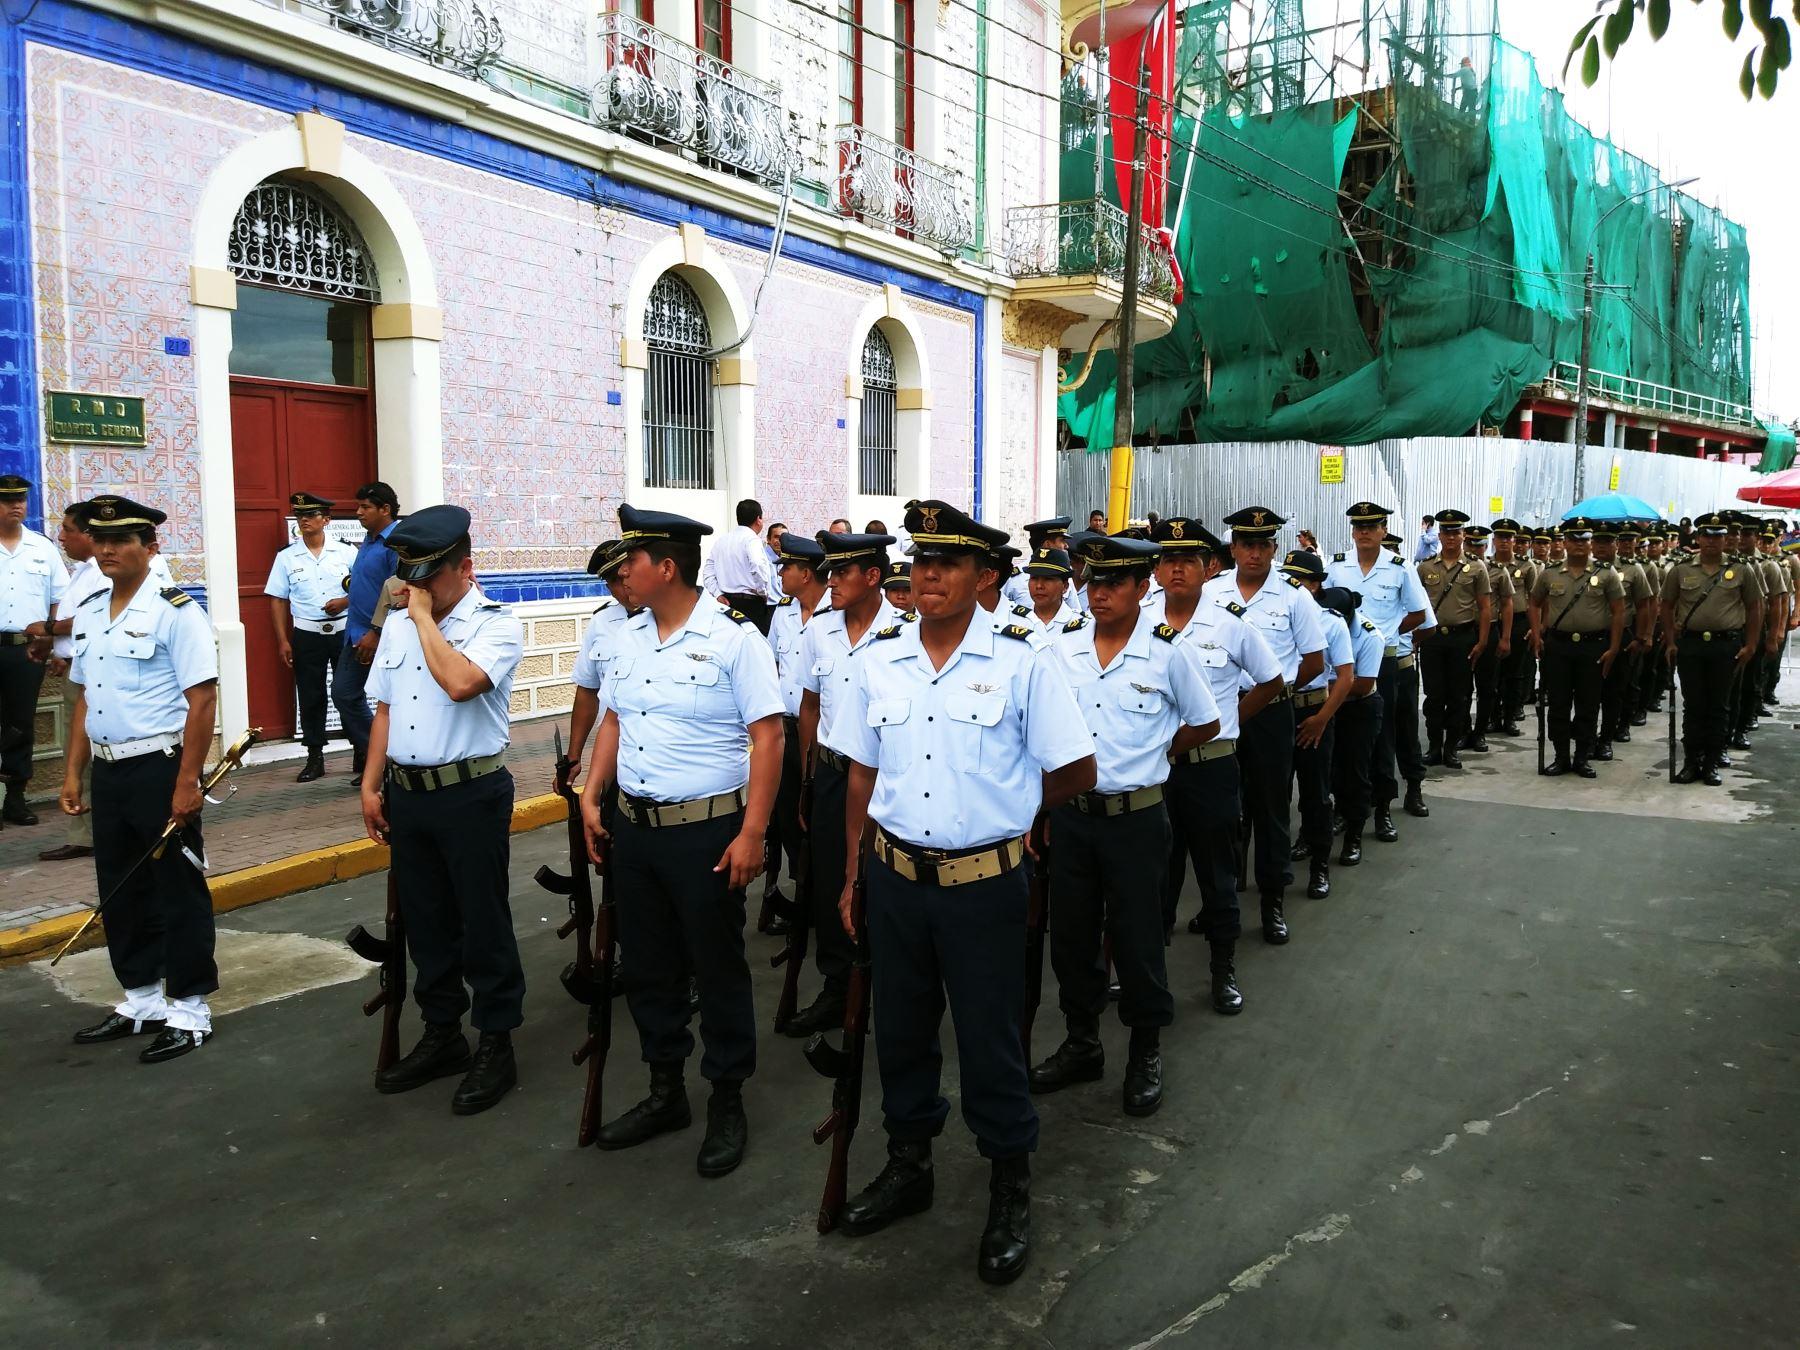 Iquitos ultima detalles para lanzamiento de Agenda País al Bicentenario. Foto: Luis Zuta.